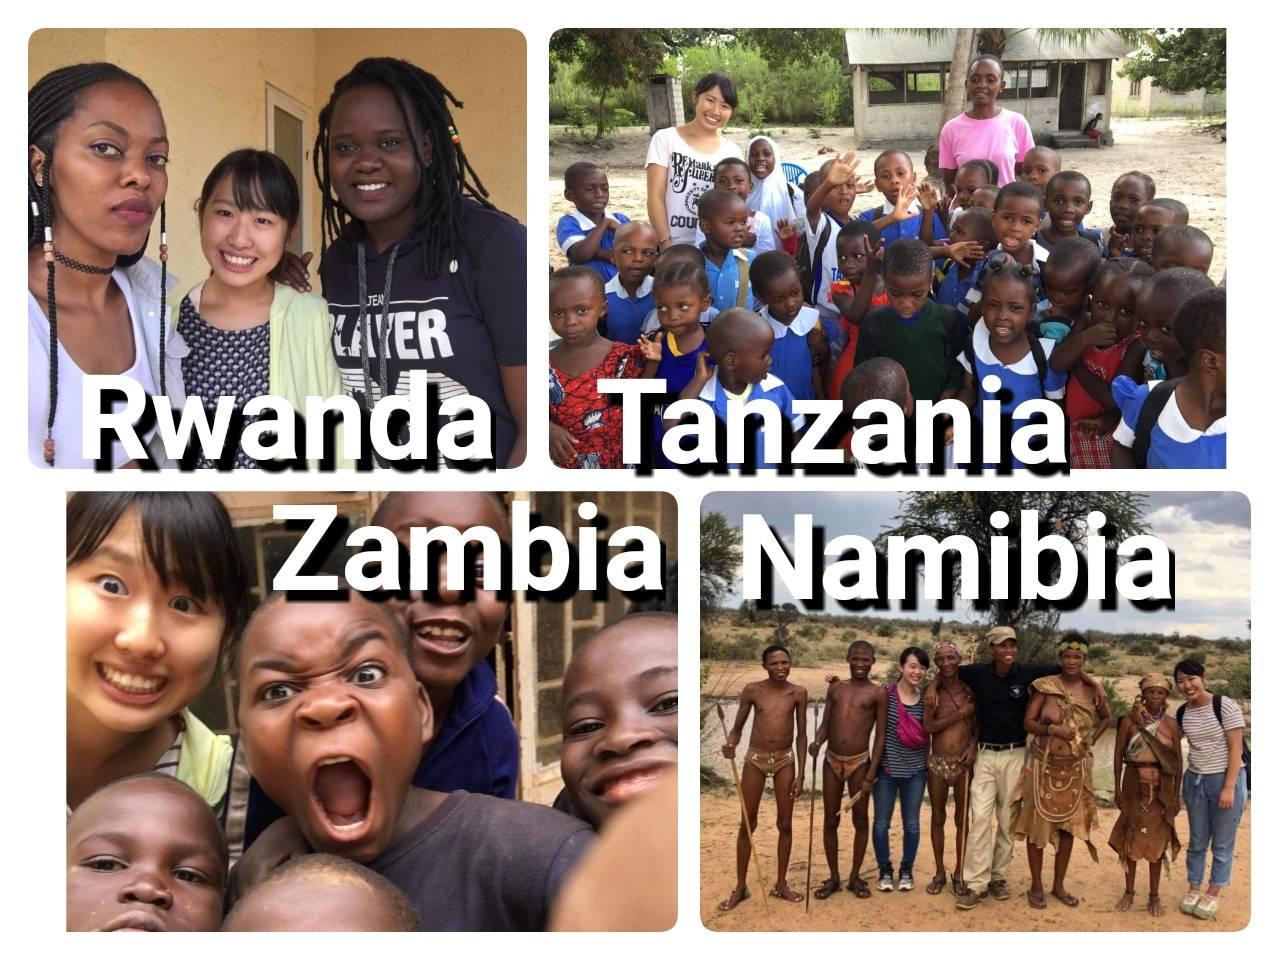 ひとりで4か国まわる旅!私がアフリカ大好きな理由。のアイキャッチ